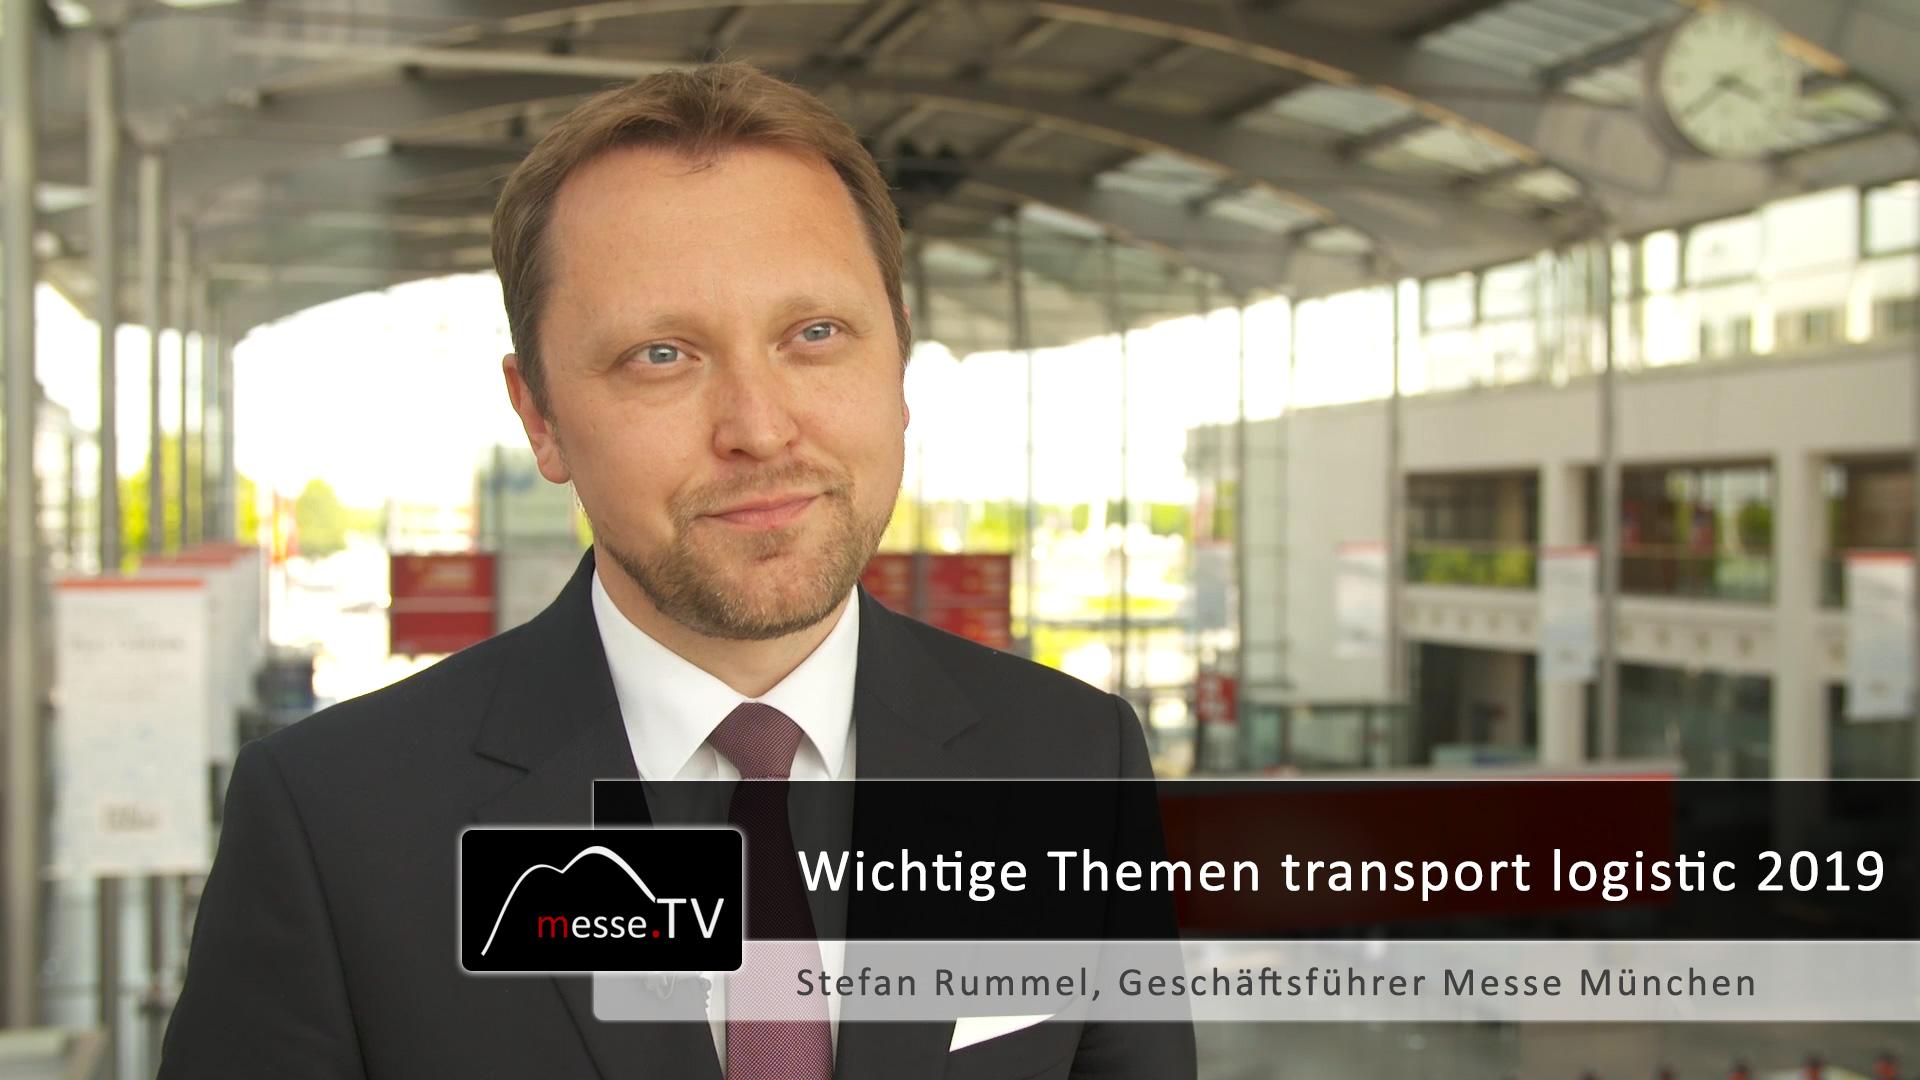 Wichtige Themen der transport logistic 2019